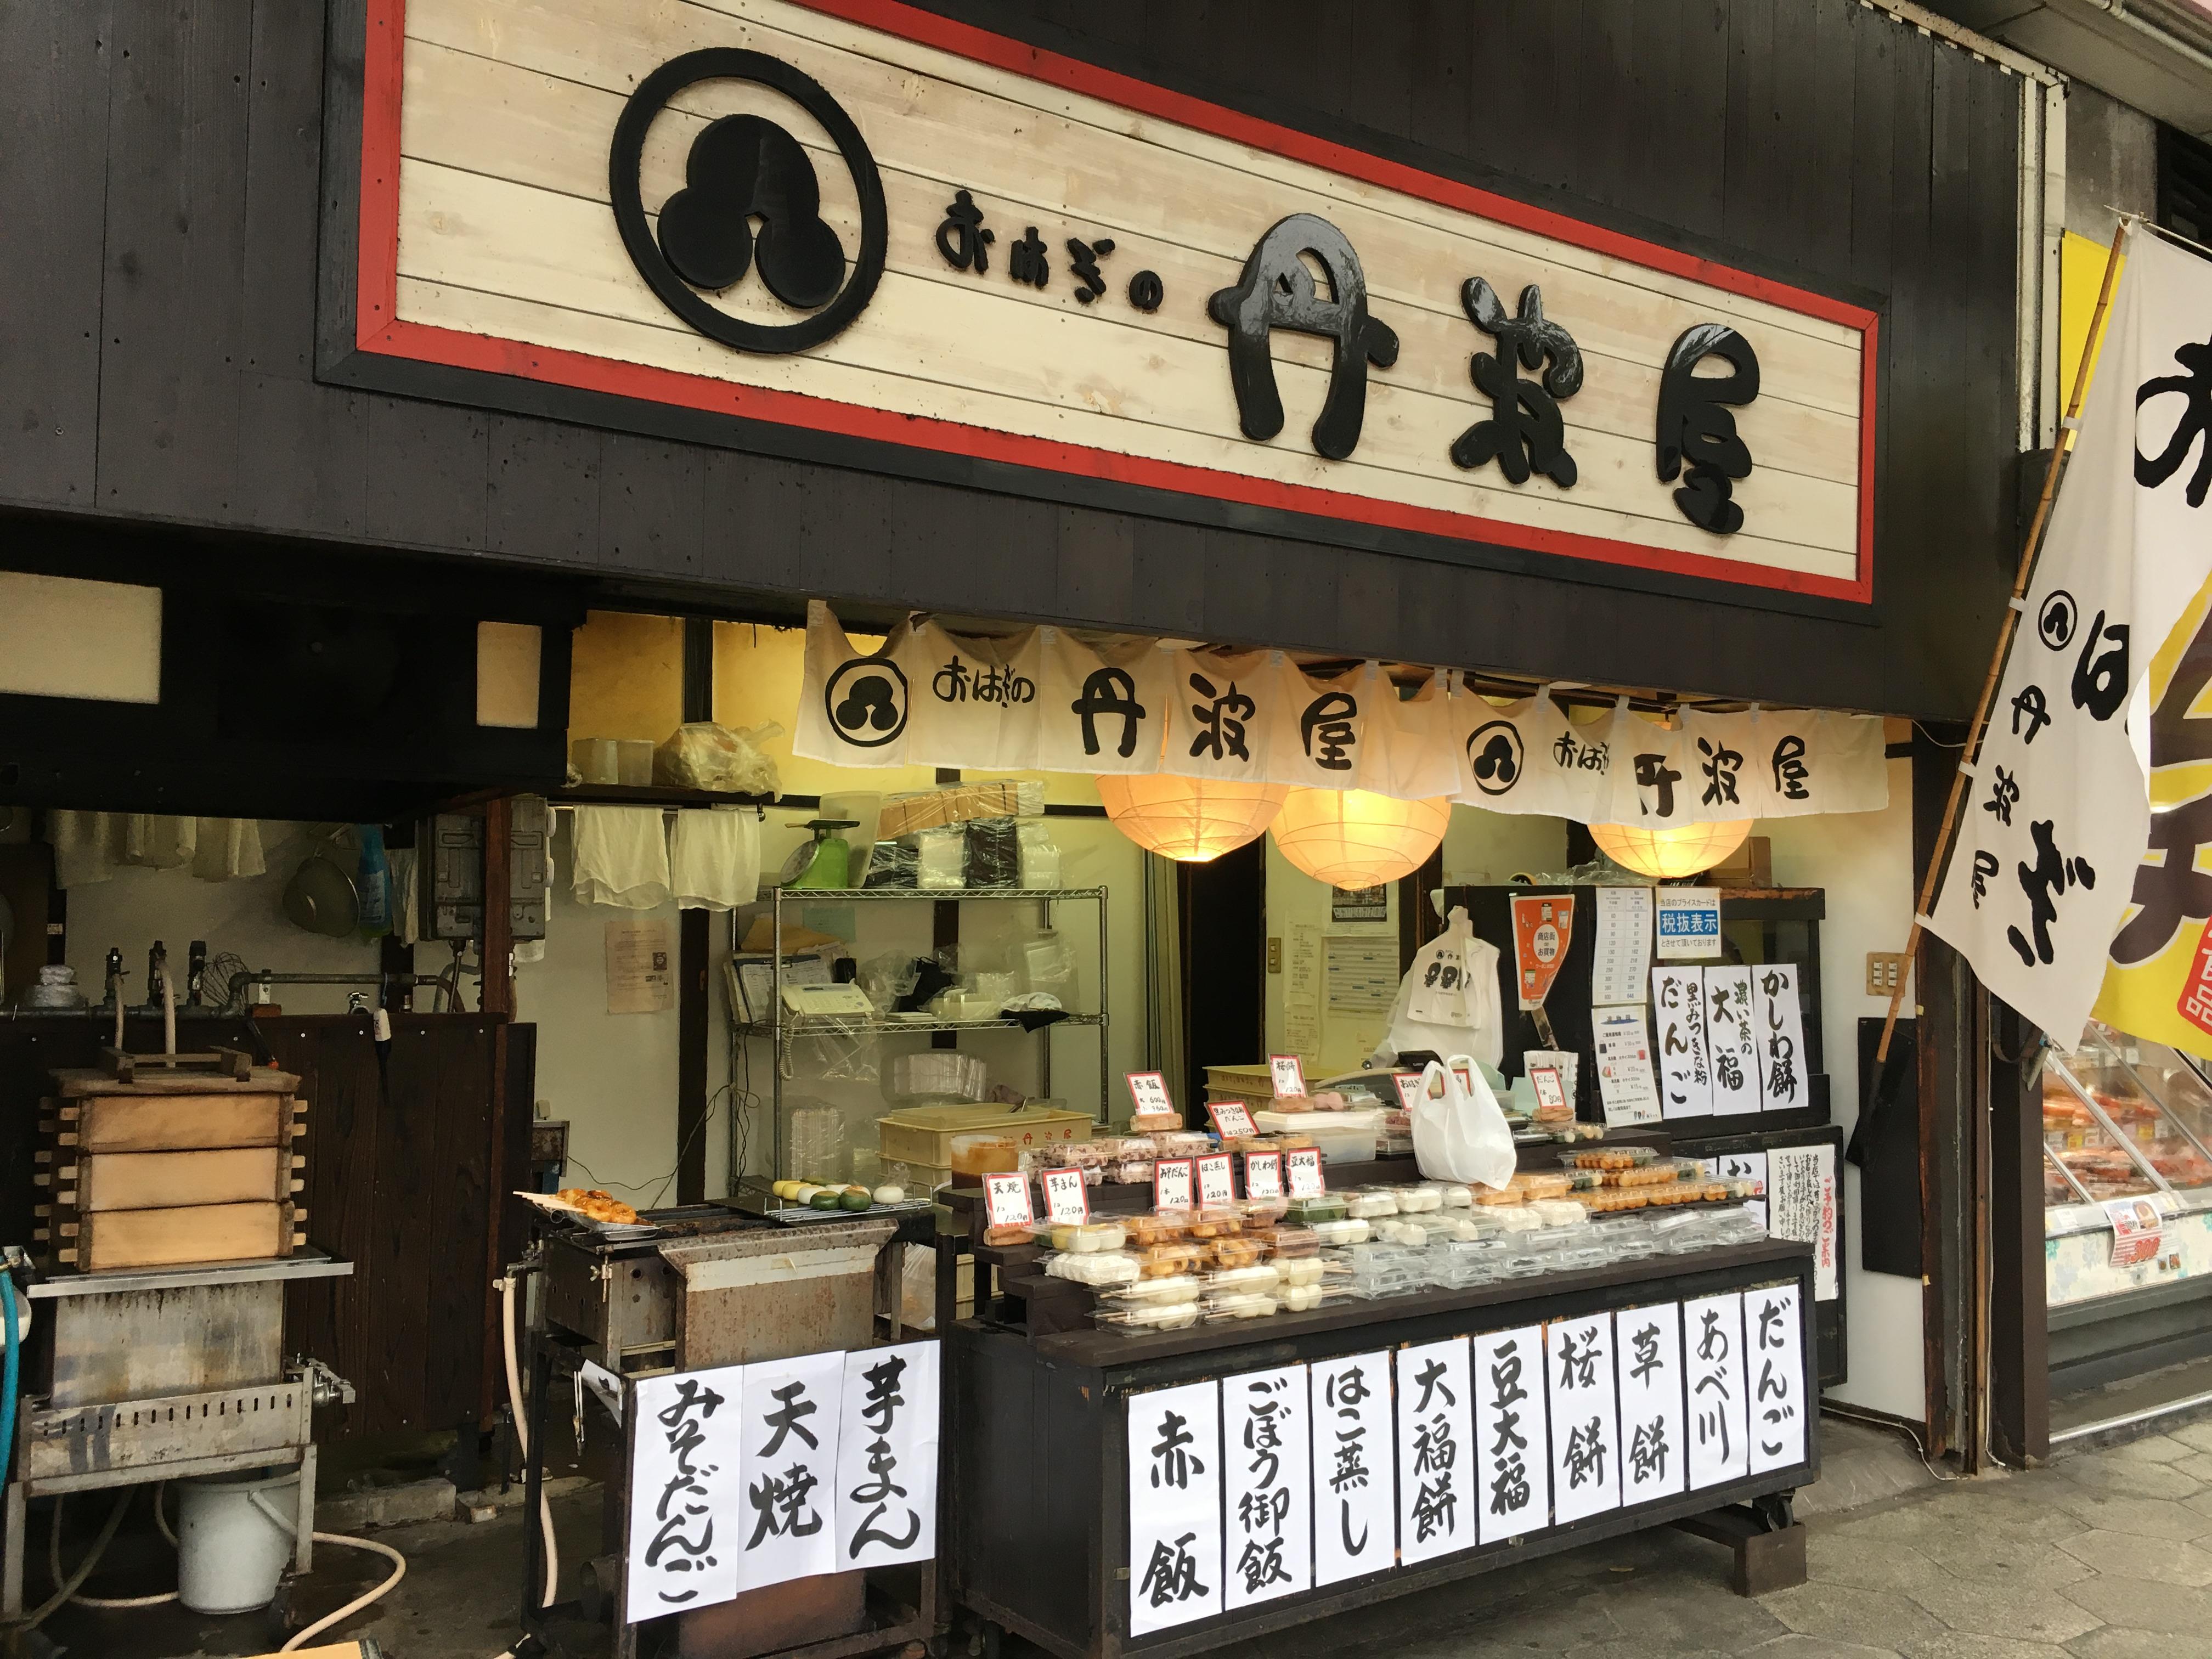 丹波屋の和菓子6種類を食べ比べ!めちゃくちゃ美味しいのはこれだ!